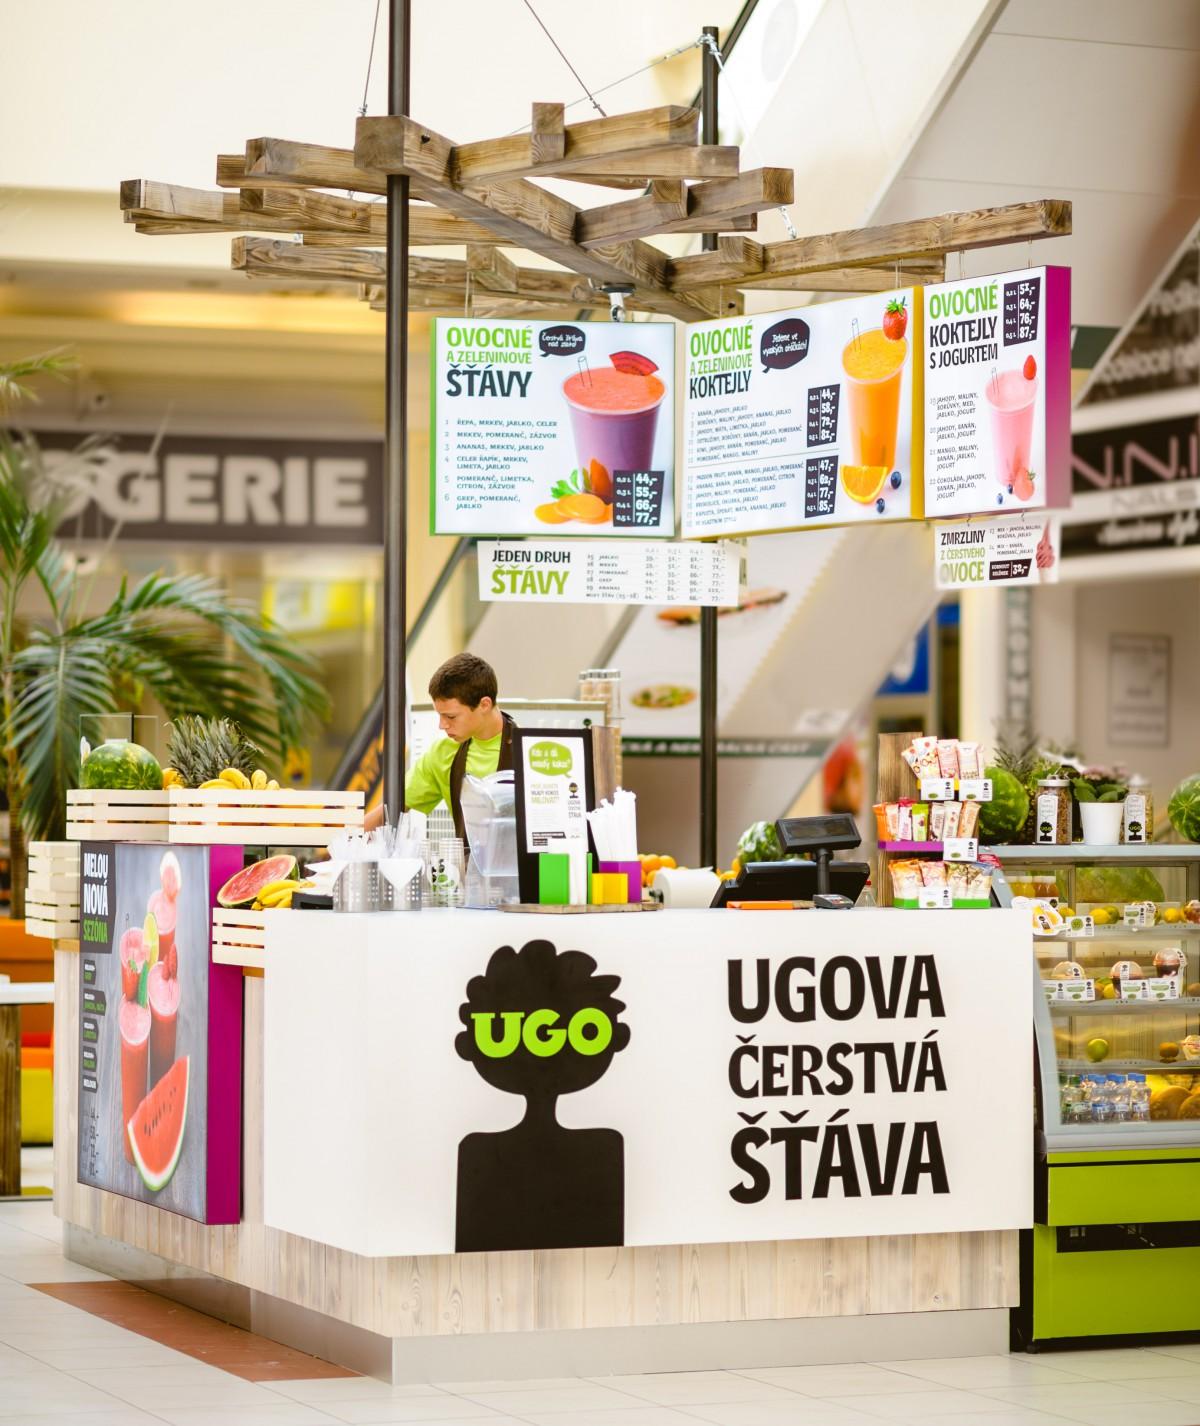 Ugo rozšiřuje svou působnost v České republice